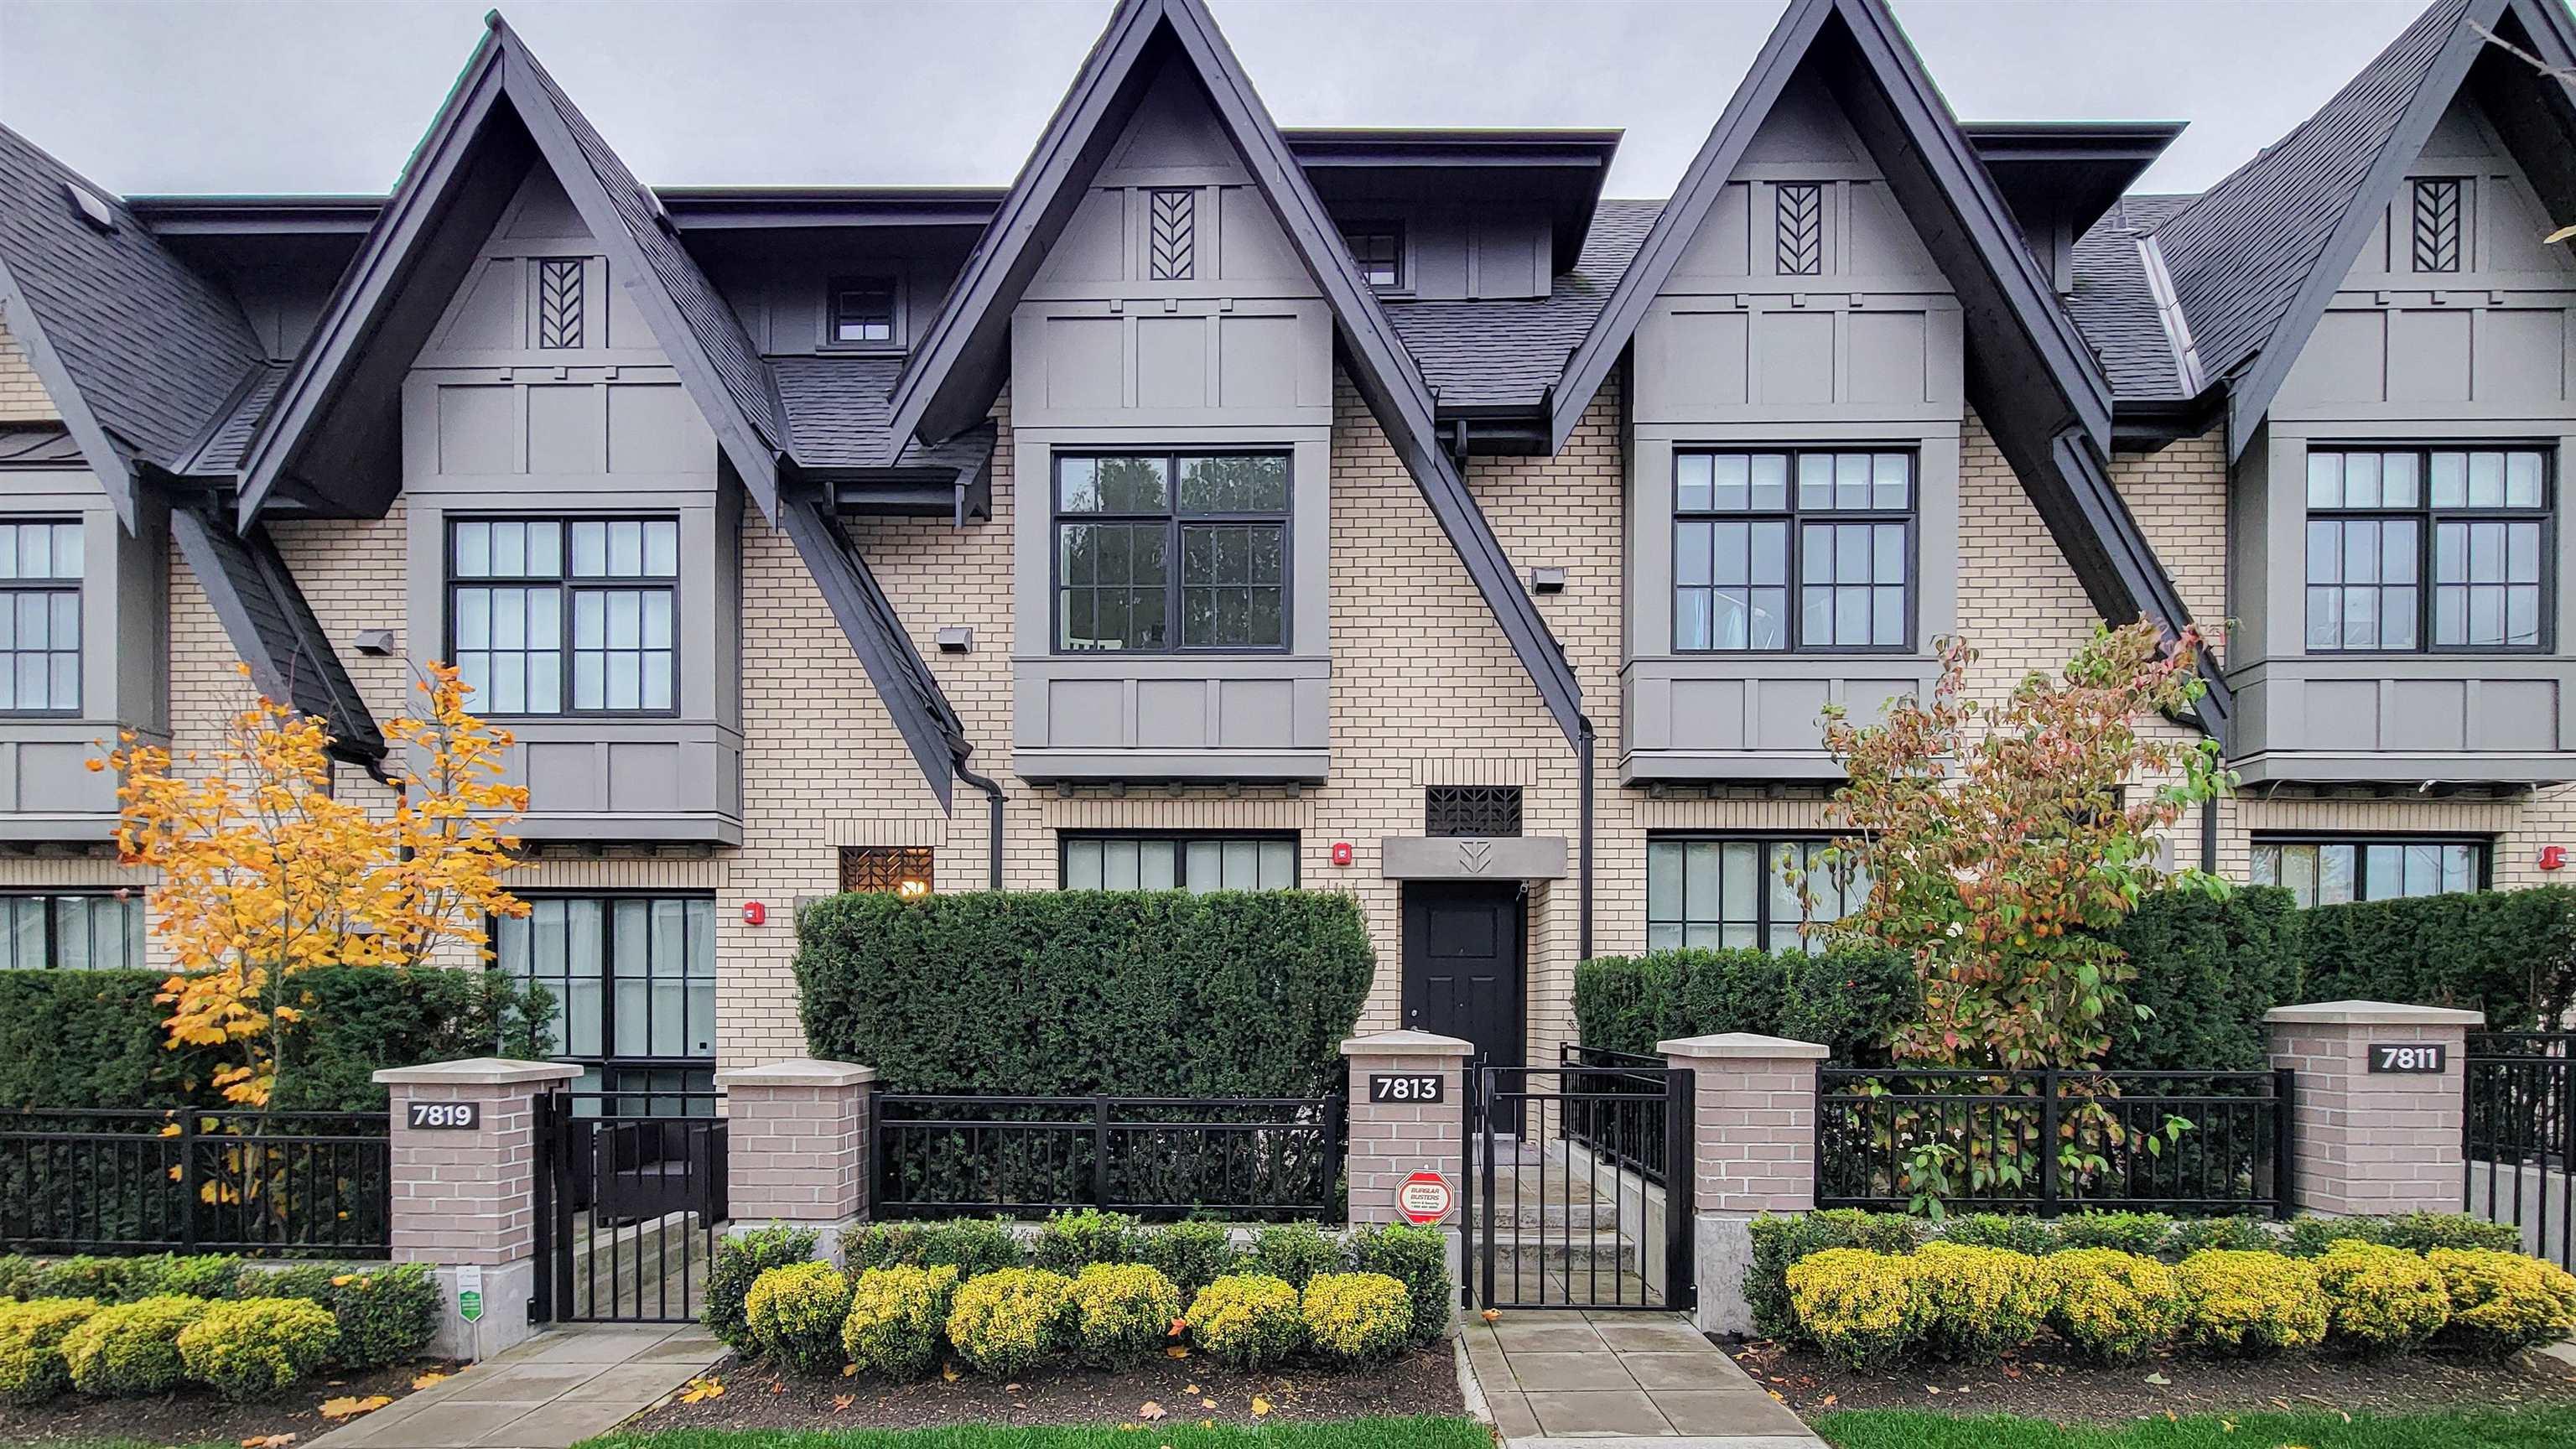 7813 OAK STREET - Marpole Townhouse for sale, 3 Bedrooms (R2629026) - #1